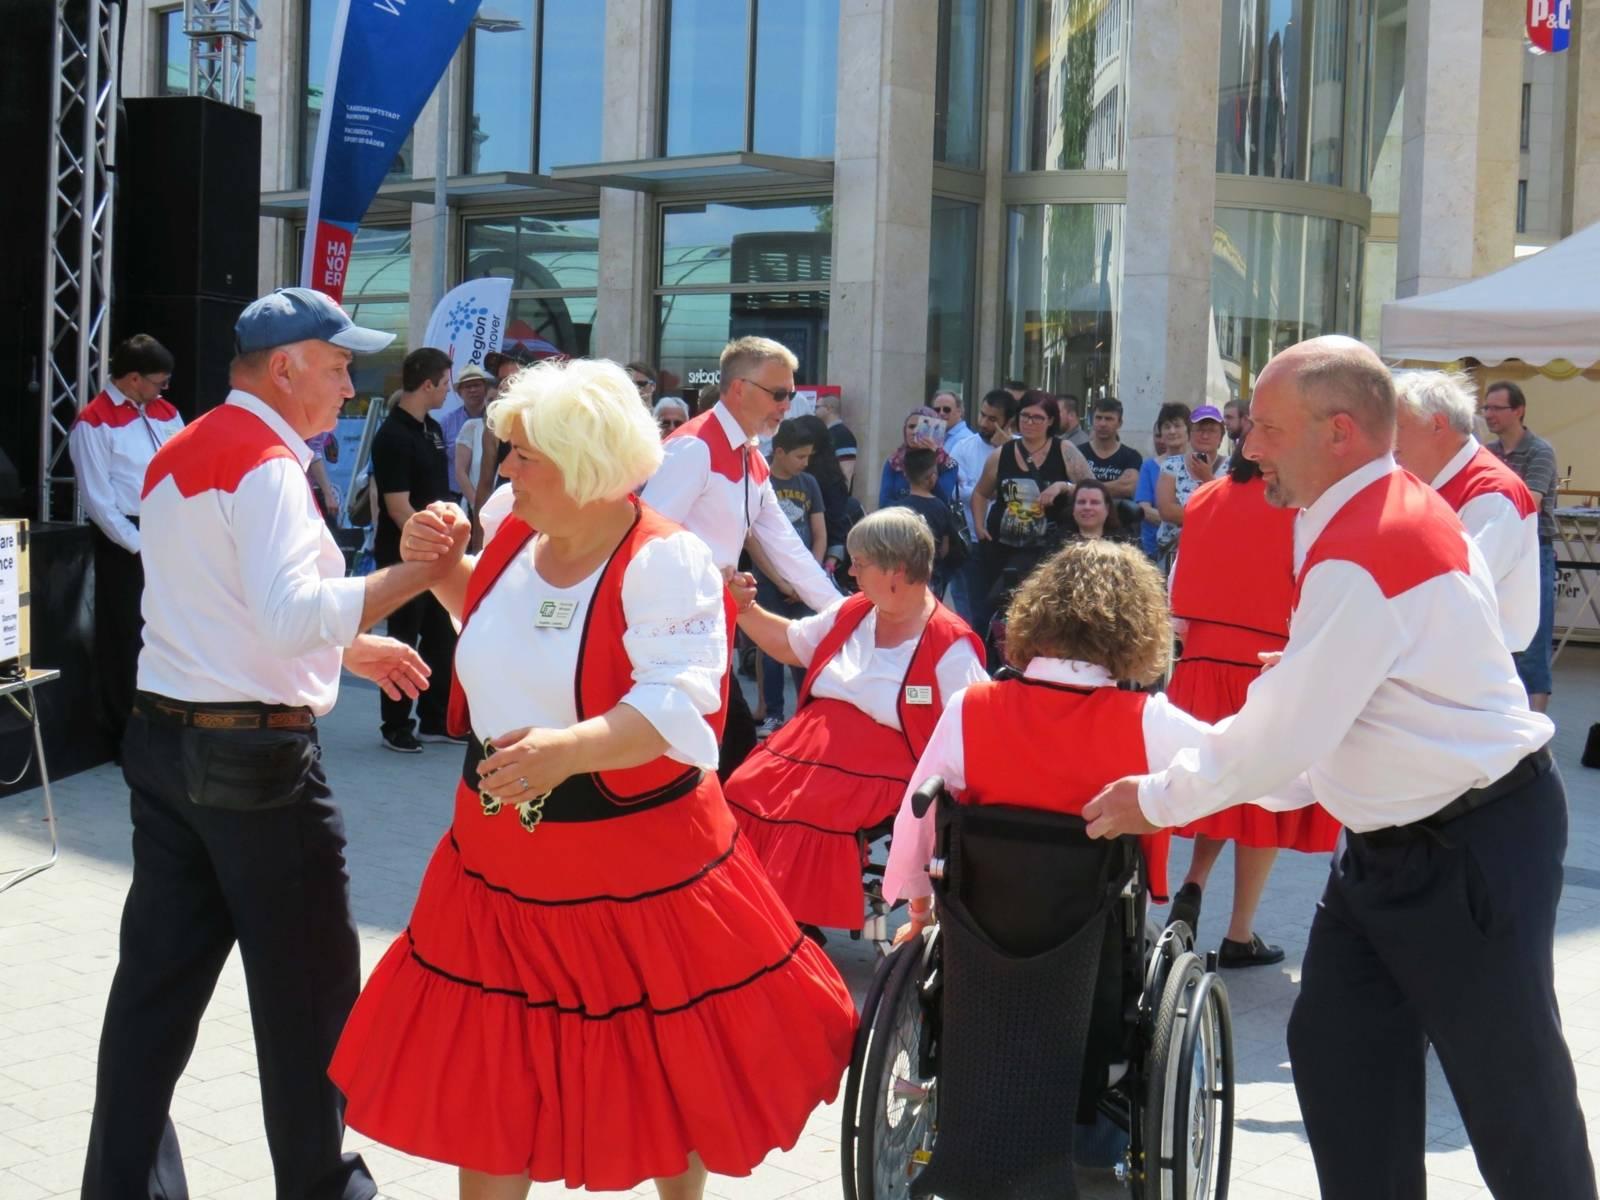 Menschen mit und ohne Rollstuhl beim Tanz auf einem Platz.